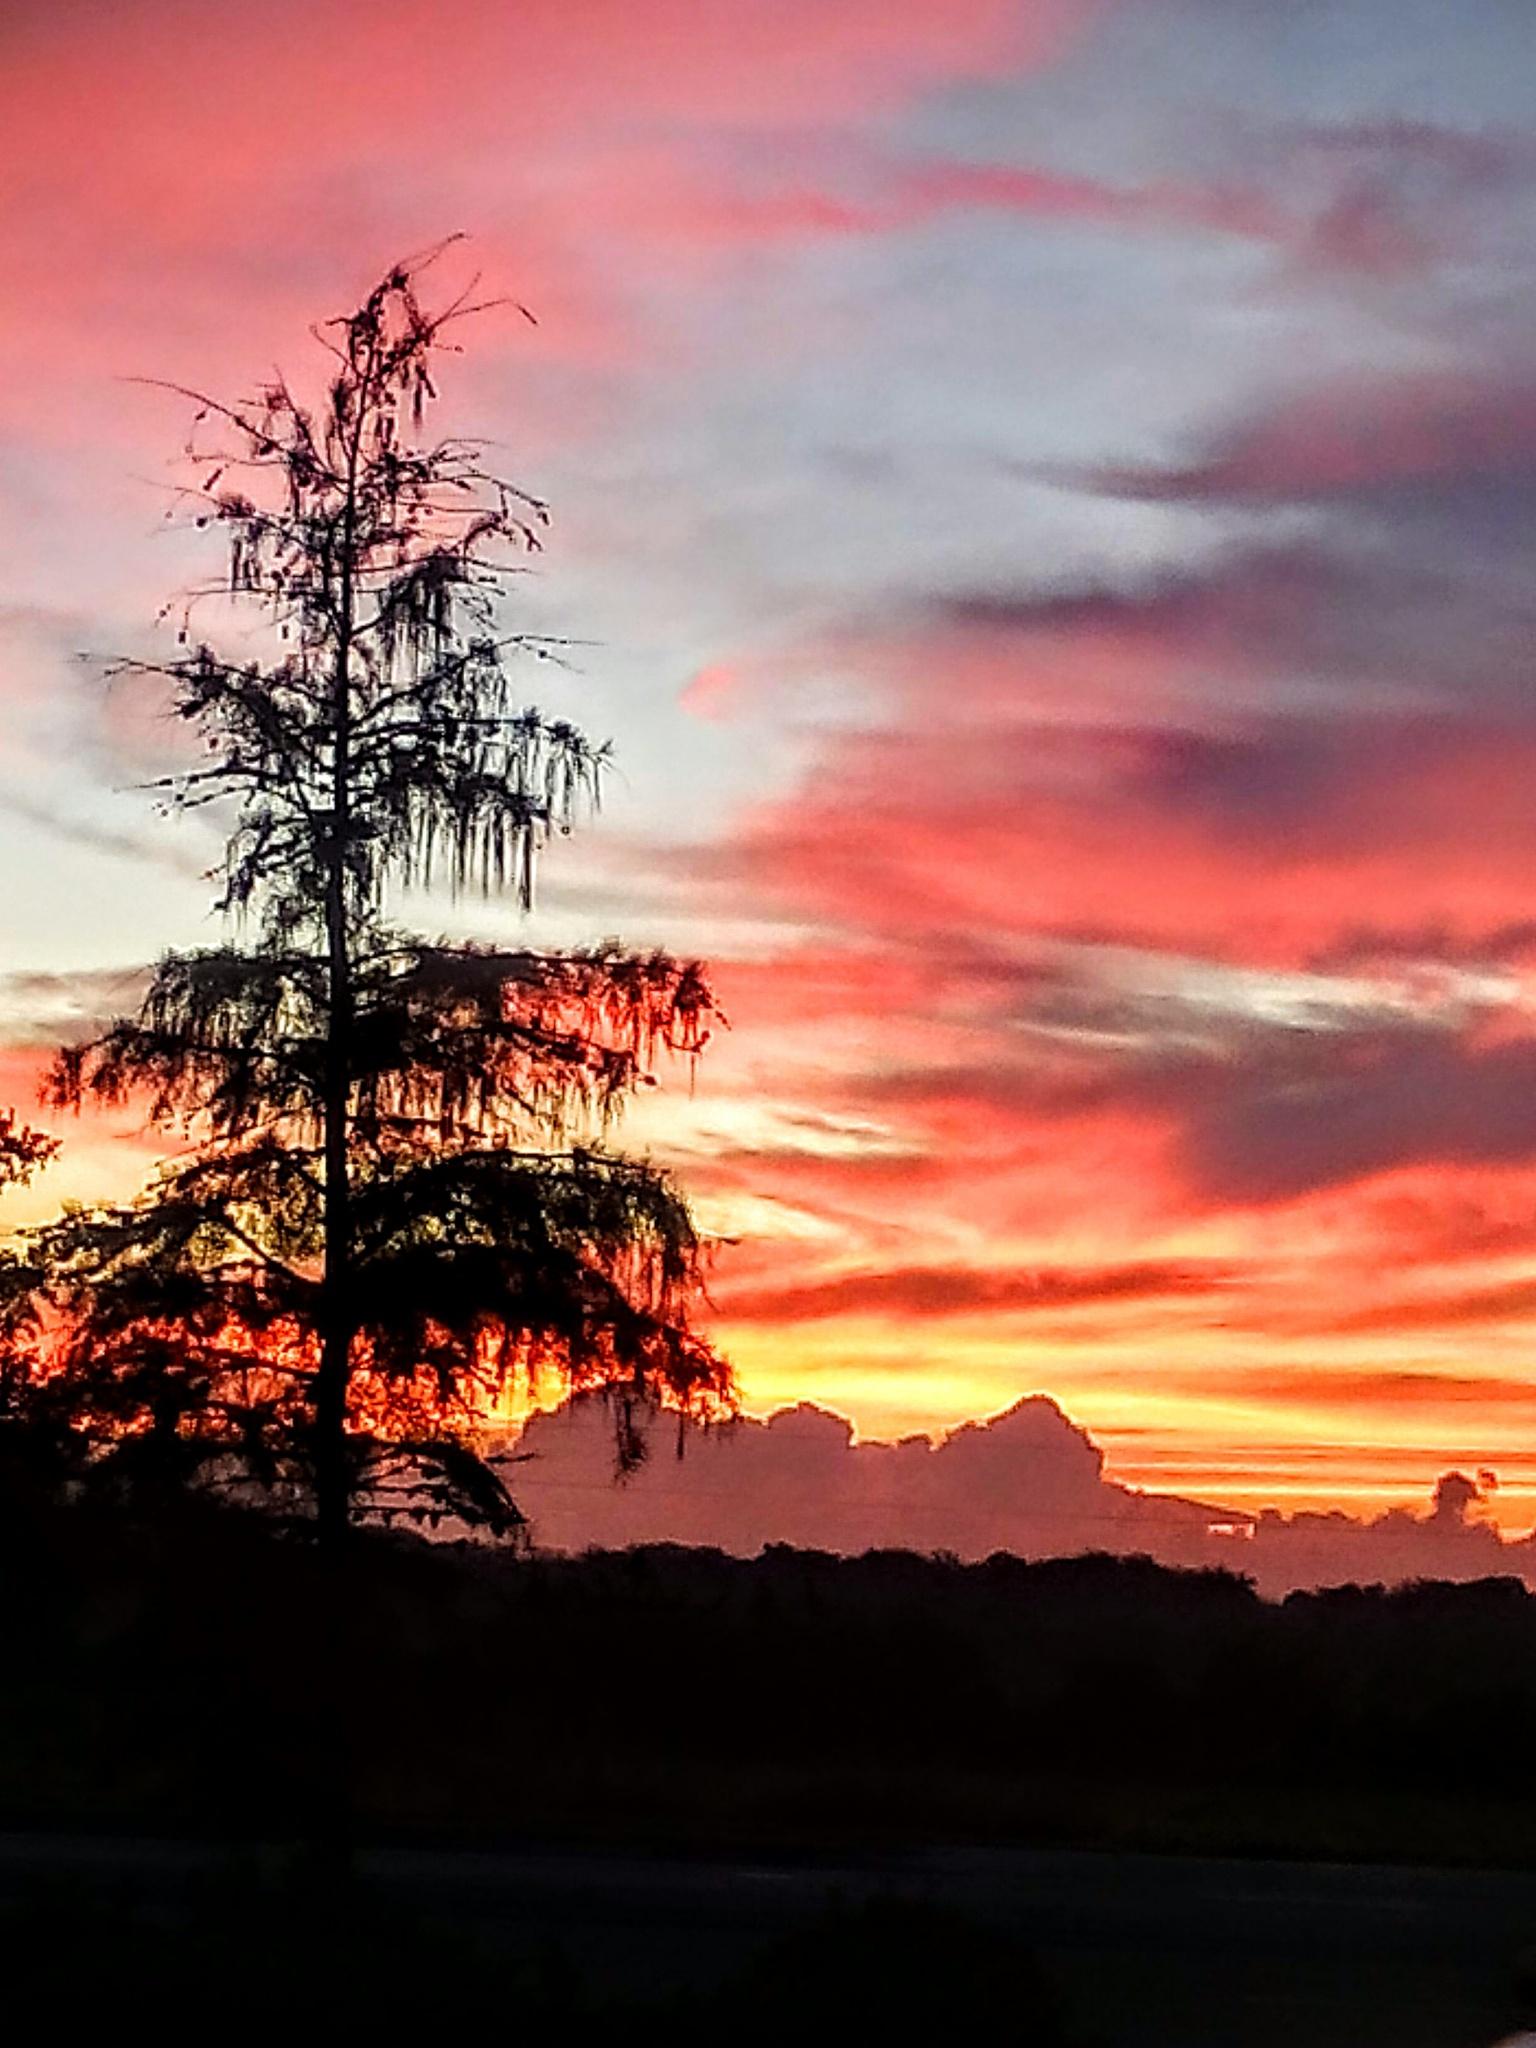 Sunrise over Sanford by arisutton